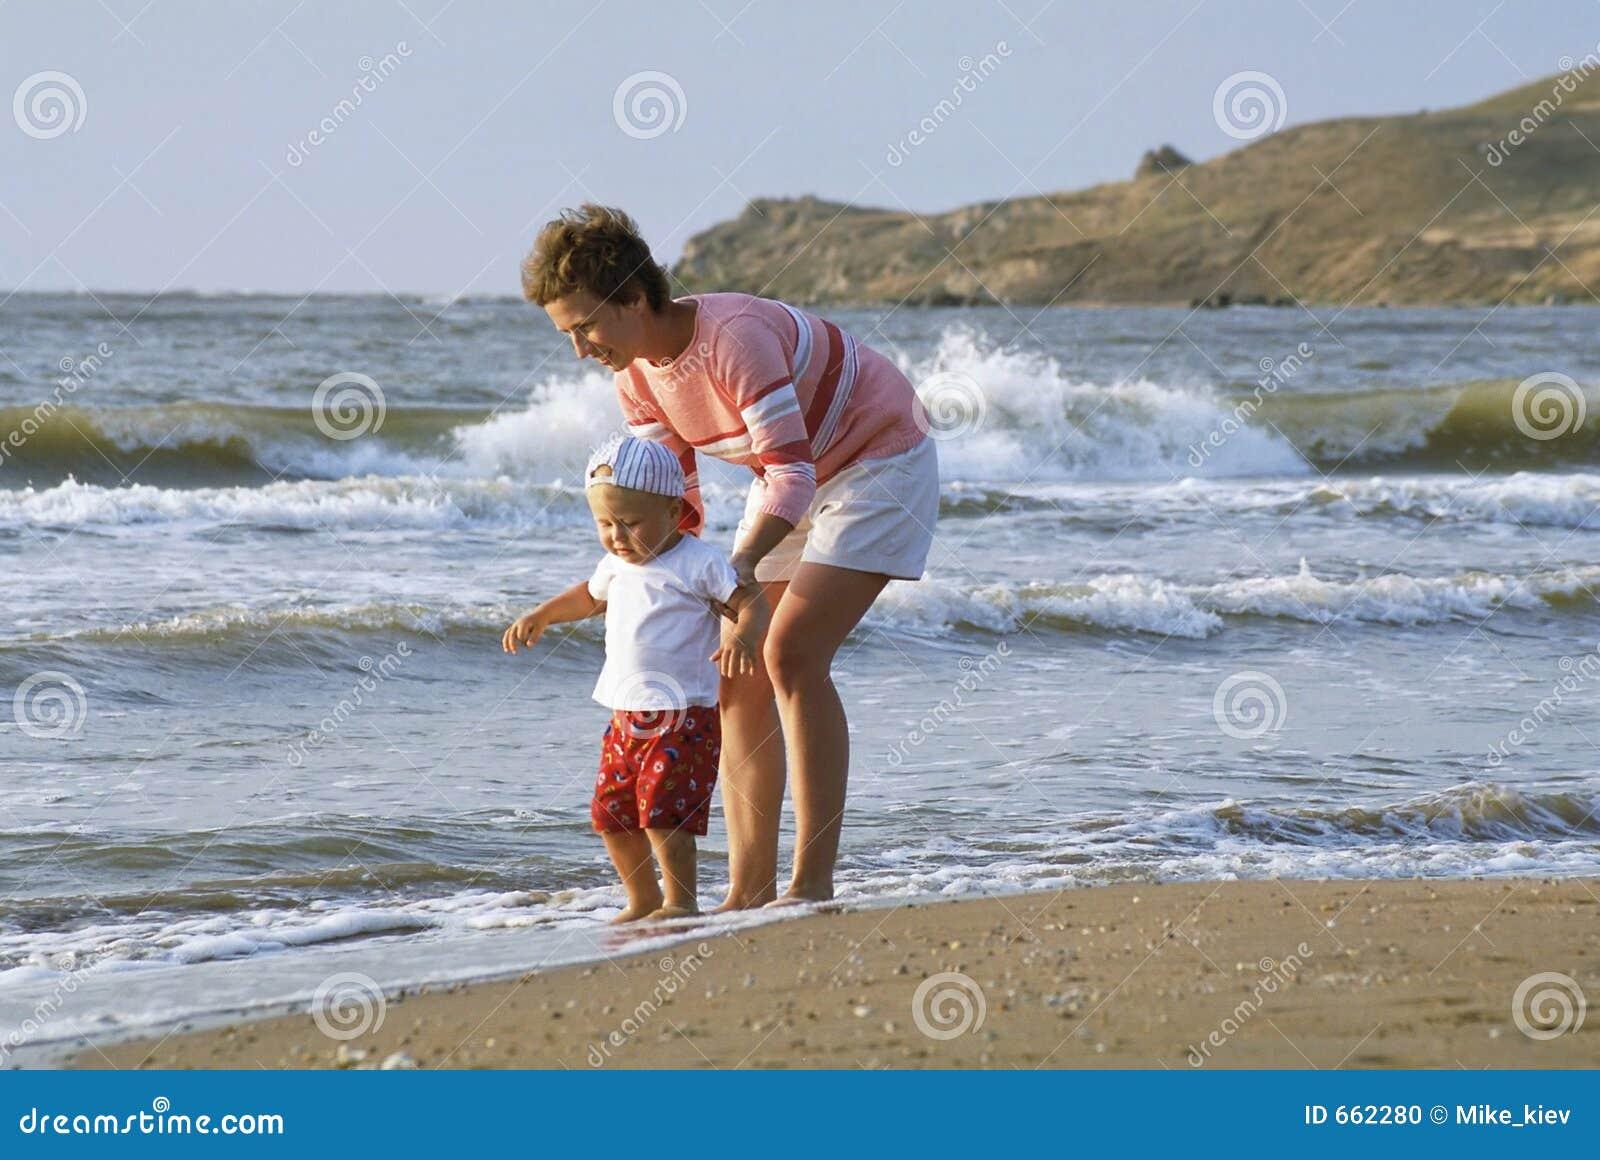 Moeder en kind op een strand